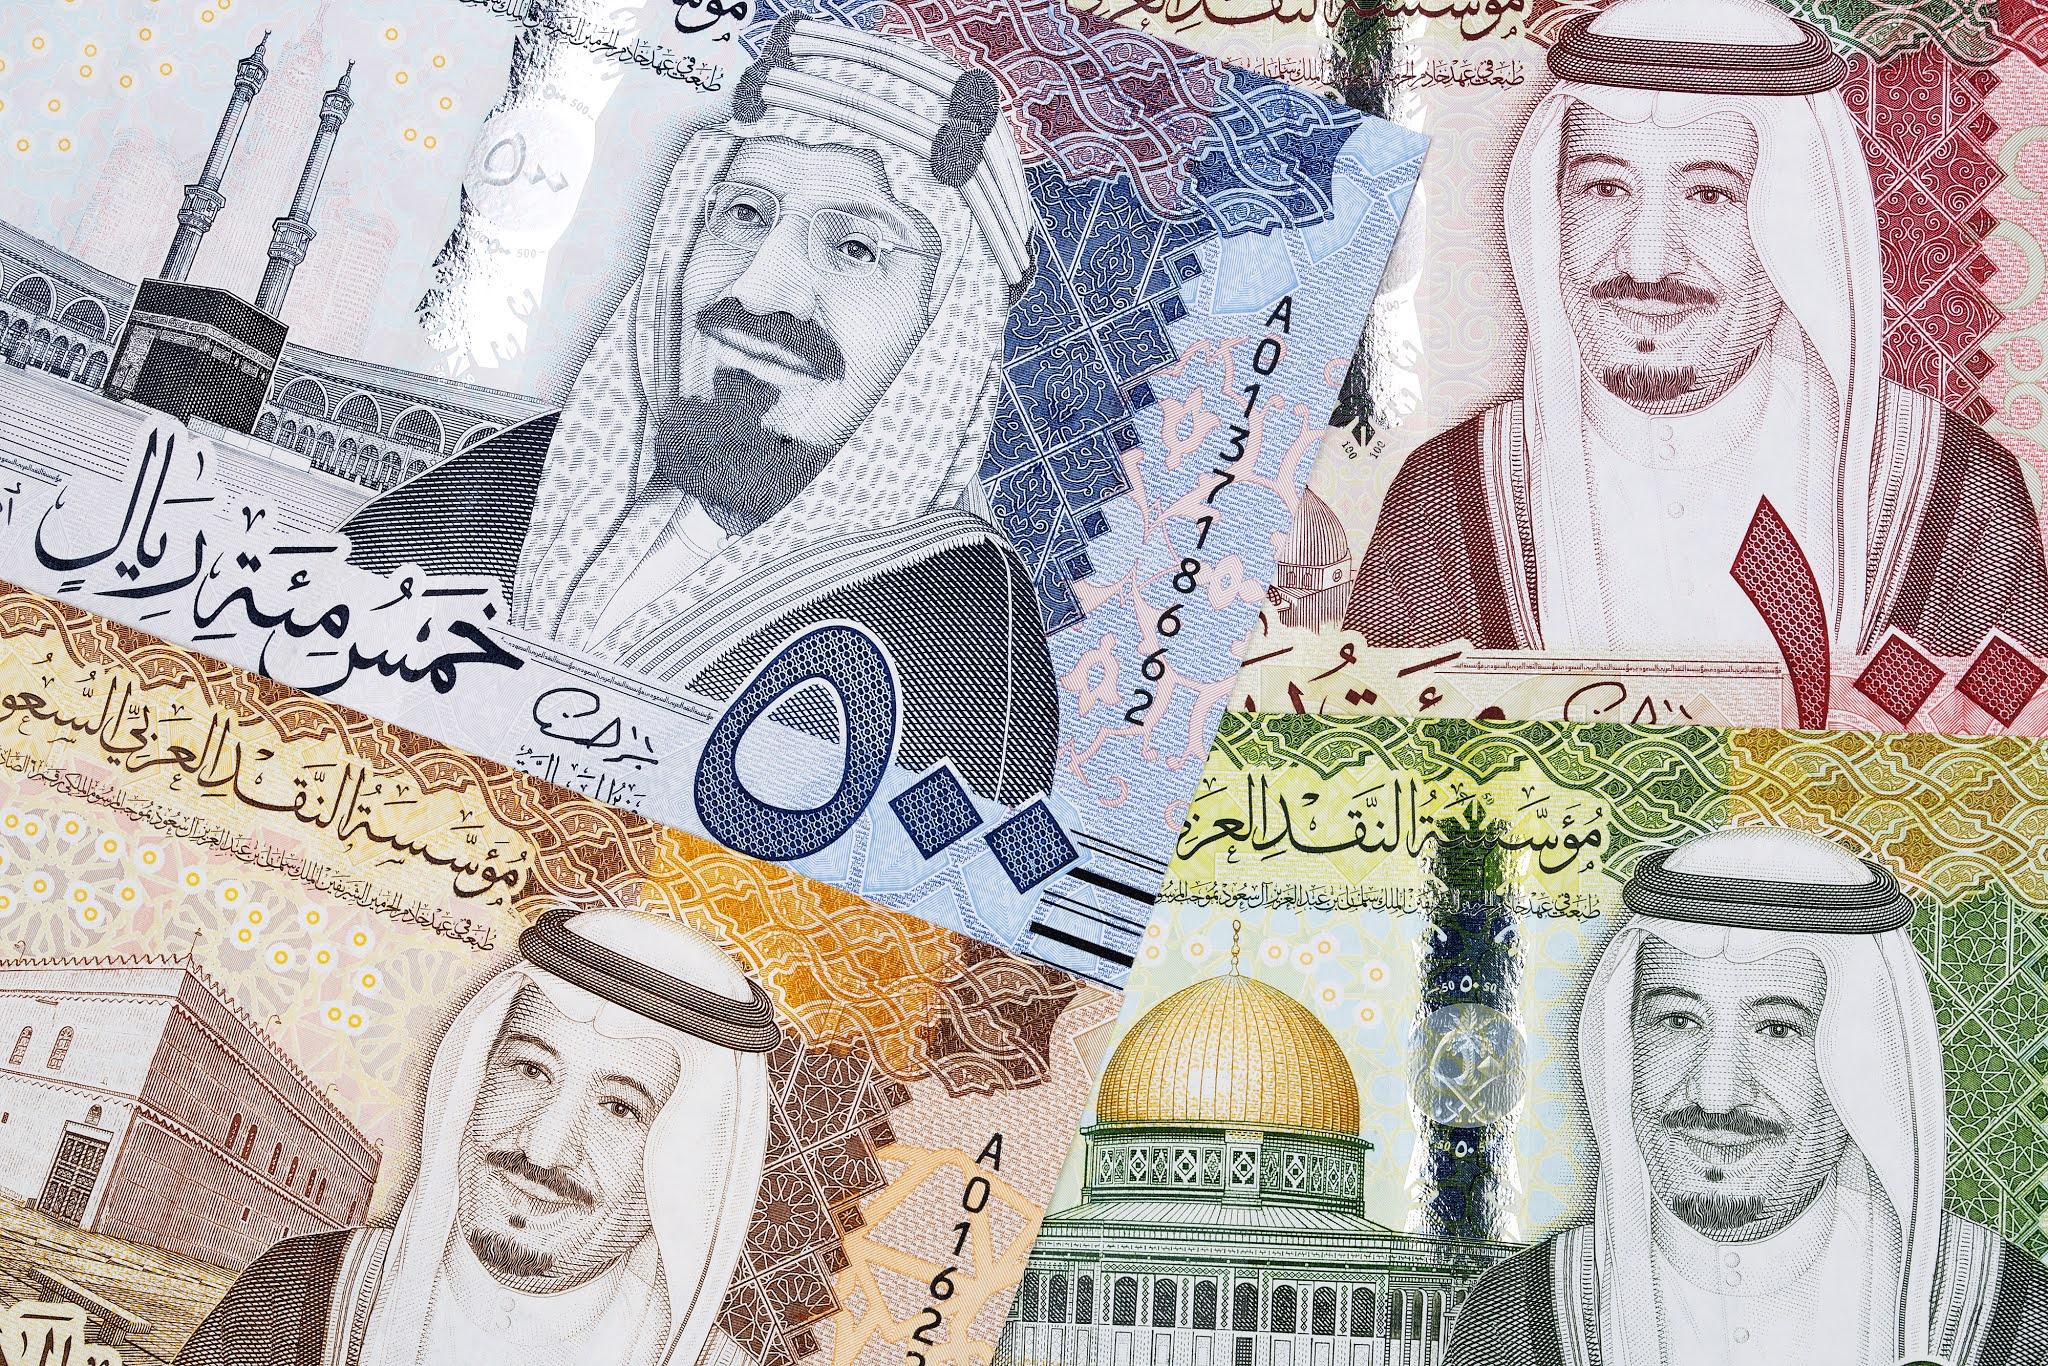 البنك المركزي السعودي يرفع بطلبي الترخيص لبنكين رقميين محليين لمزاولة الأعمال المصرفية في المملكة